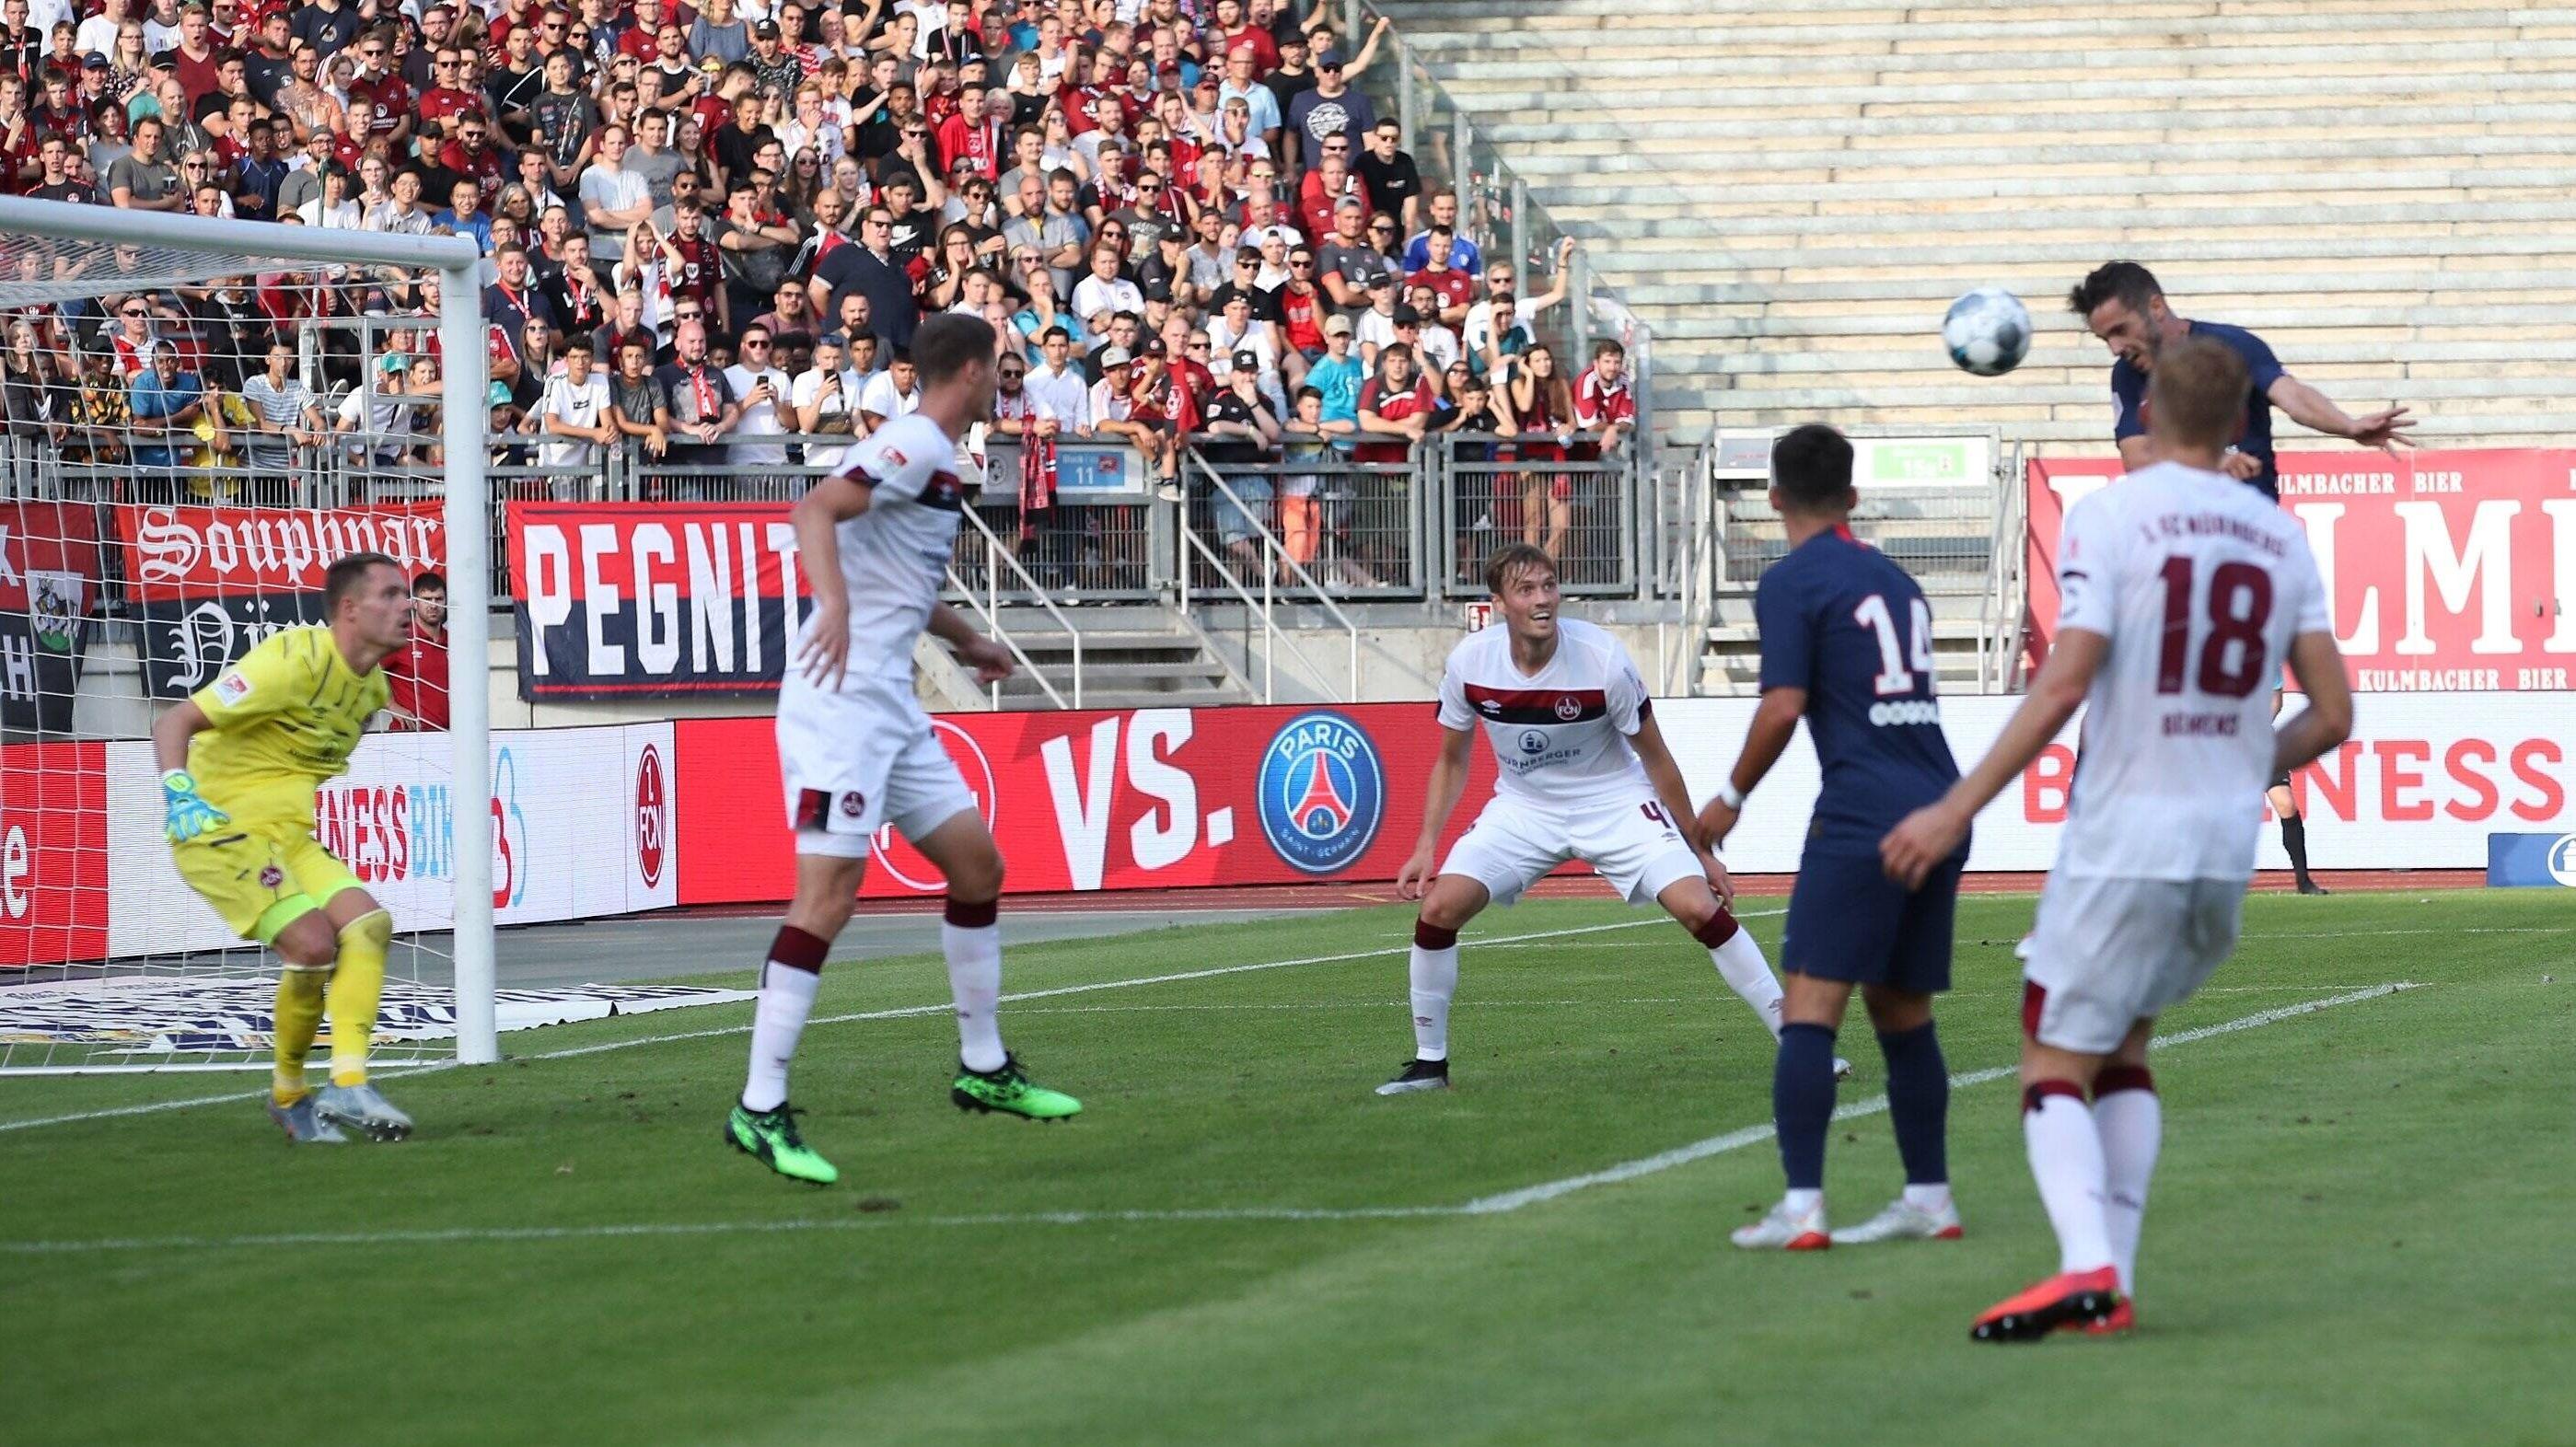 Das 1:0 für Paris gegen Nürnberg